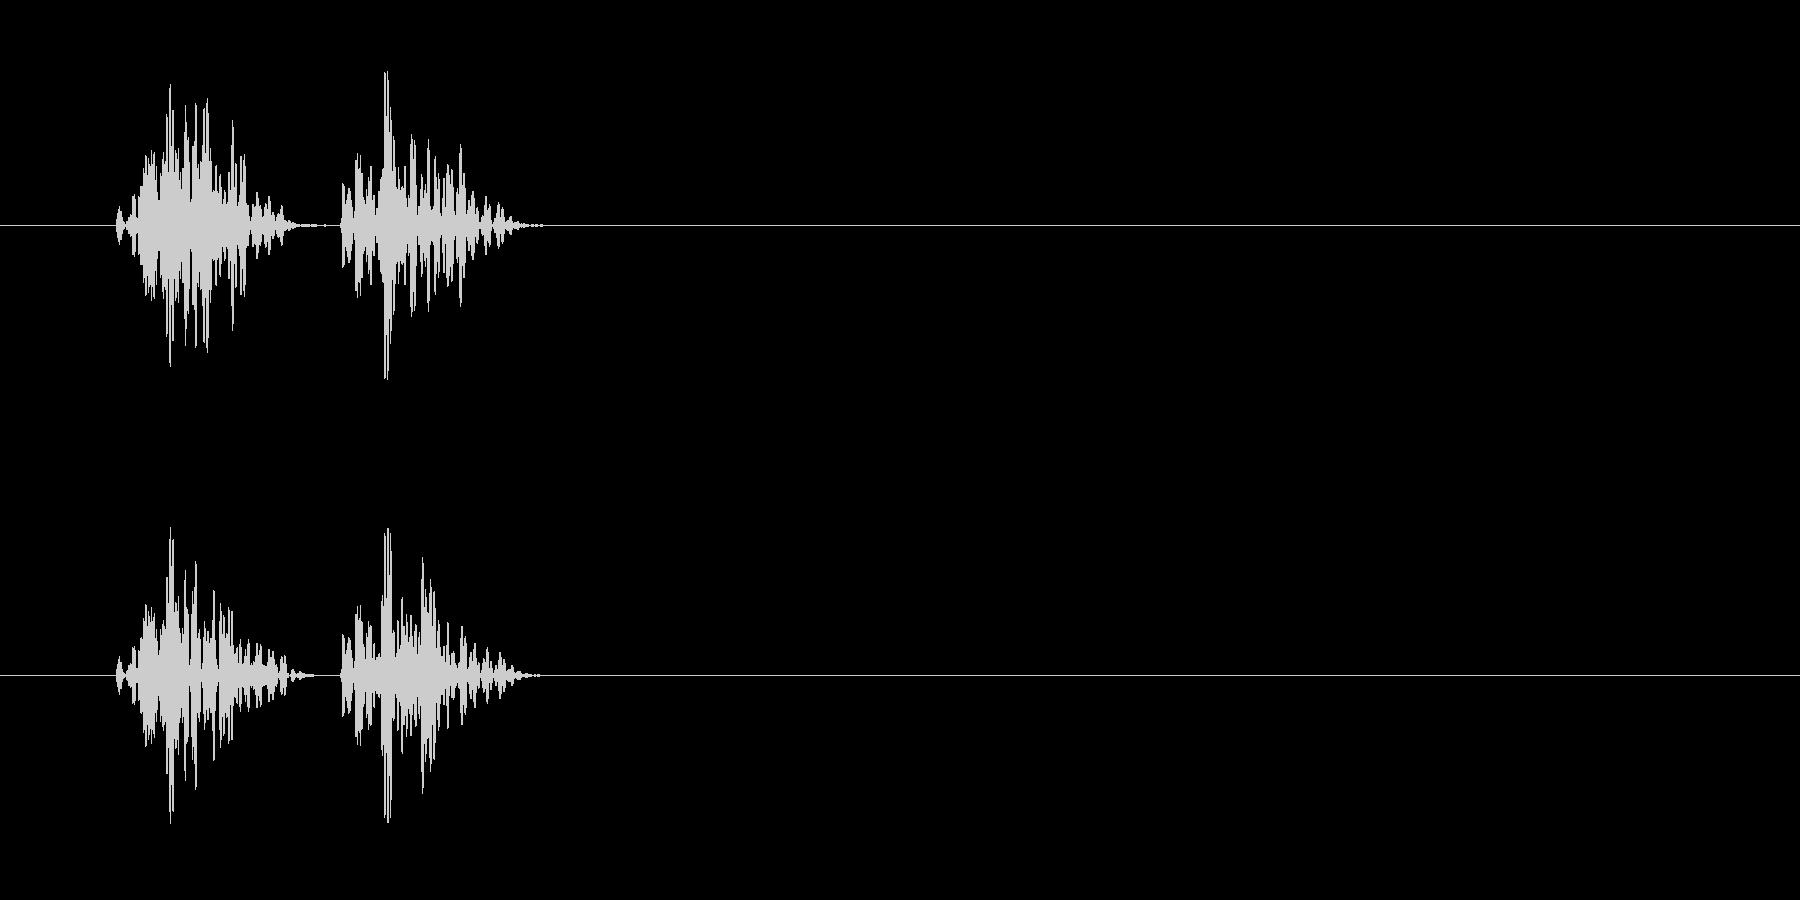 心臓の音 の未再生の波形